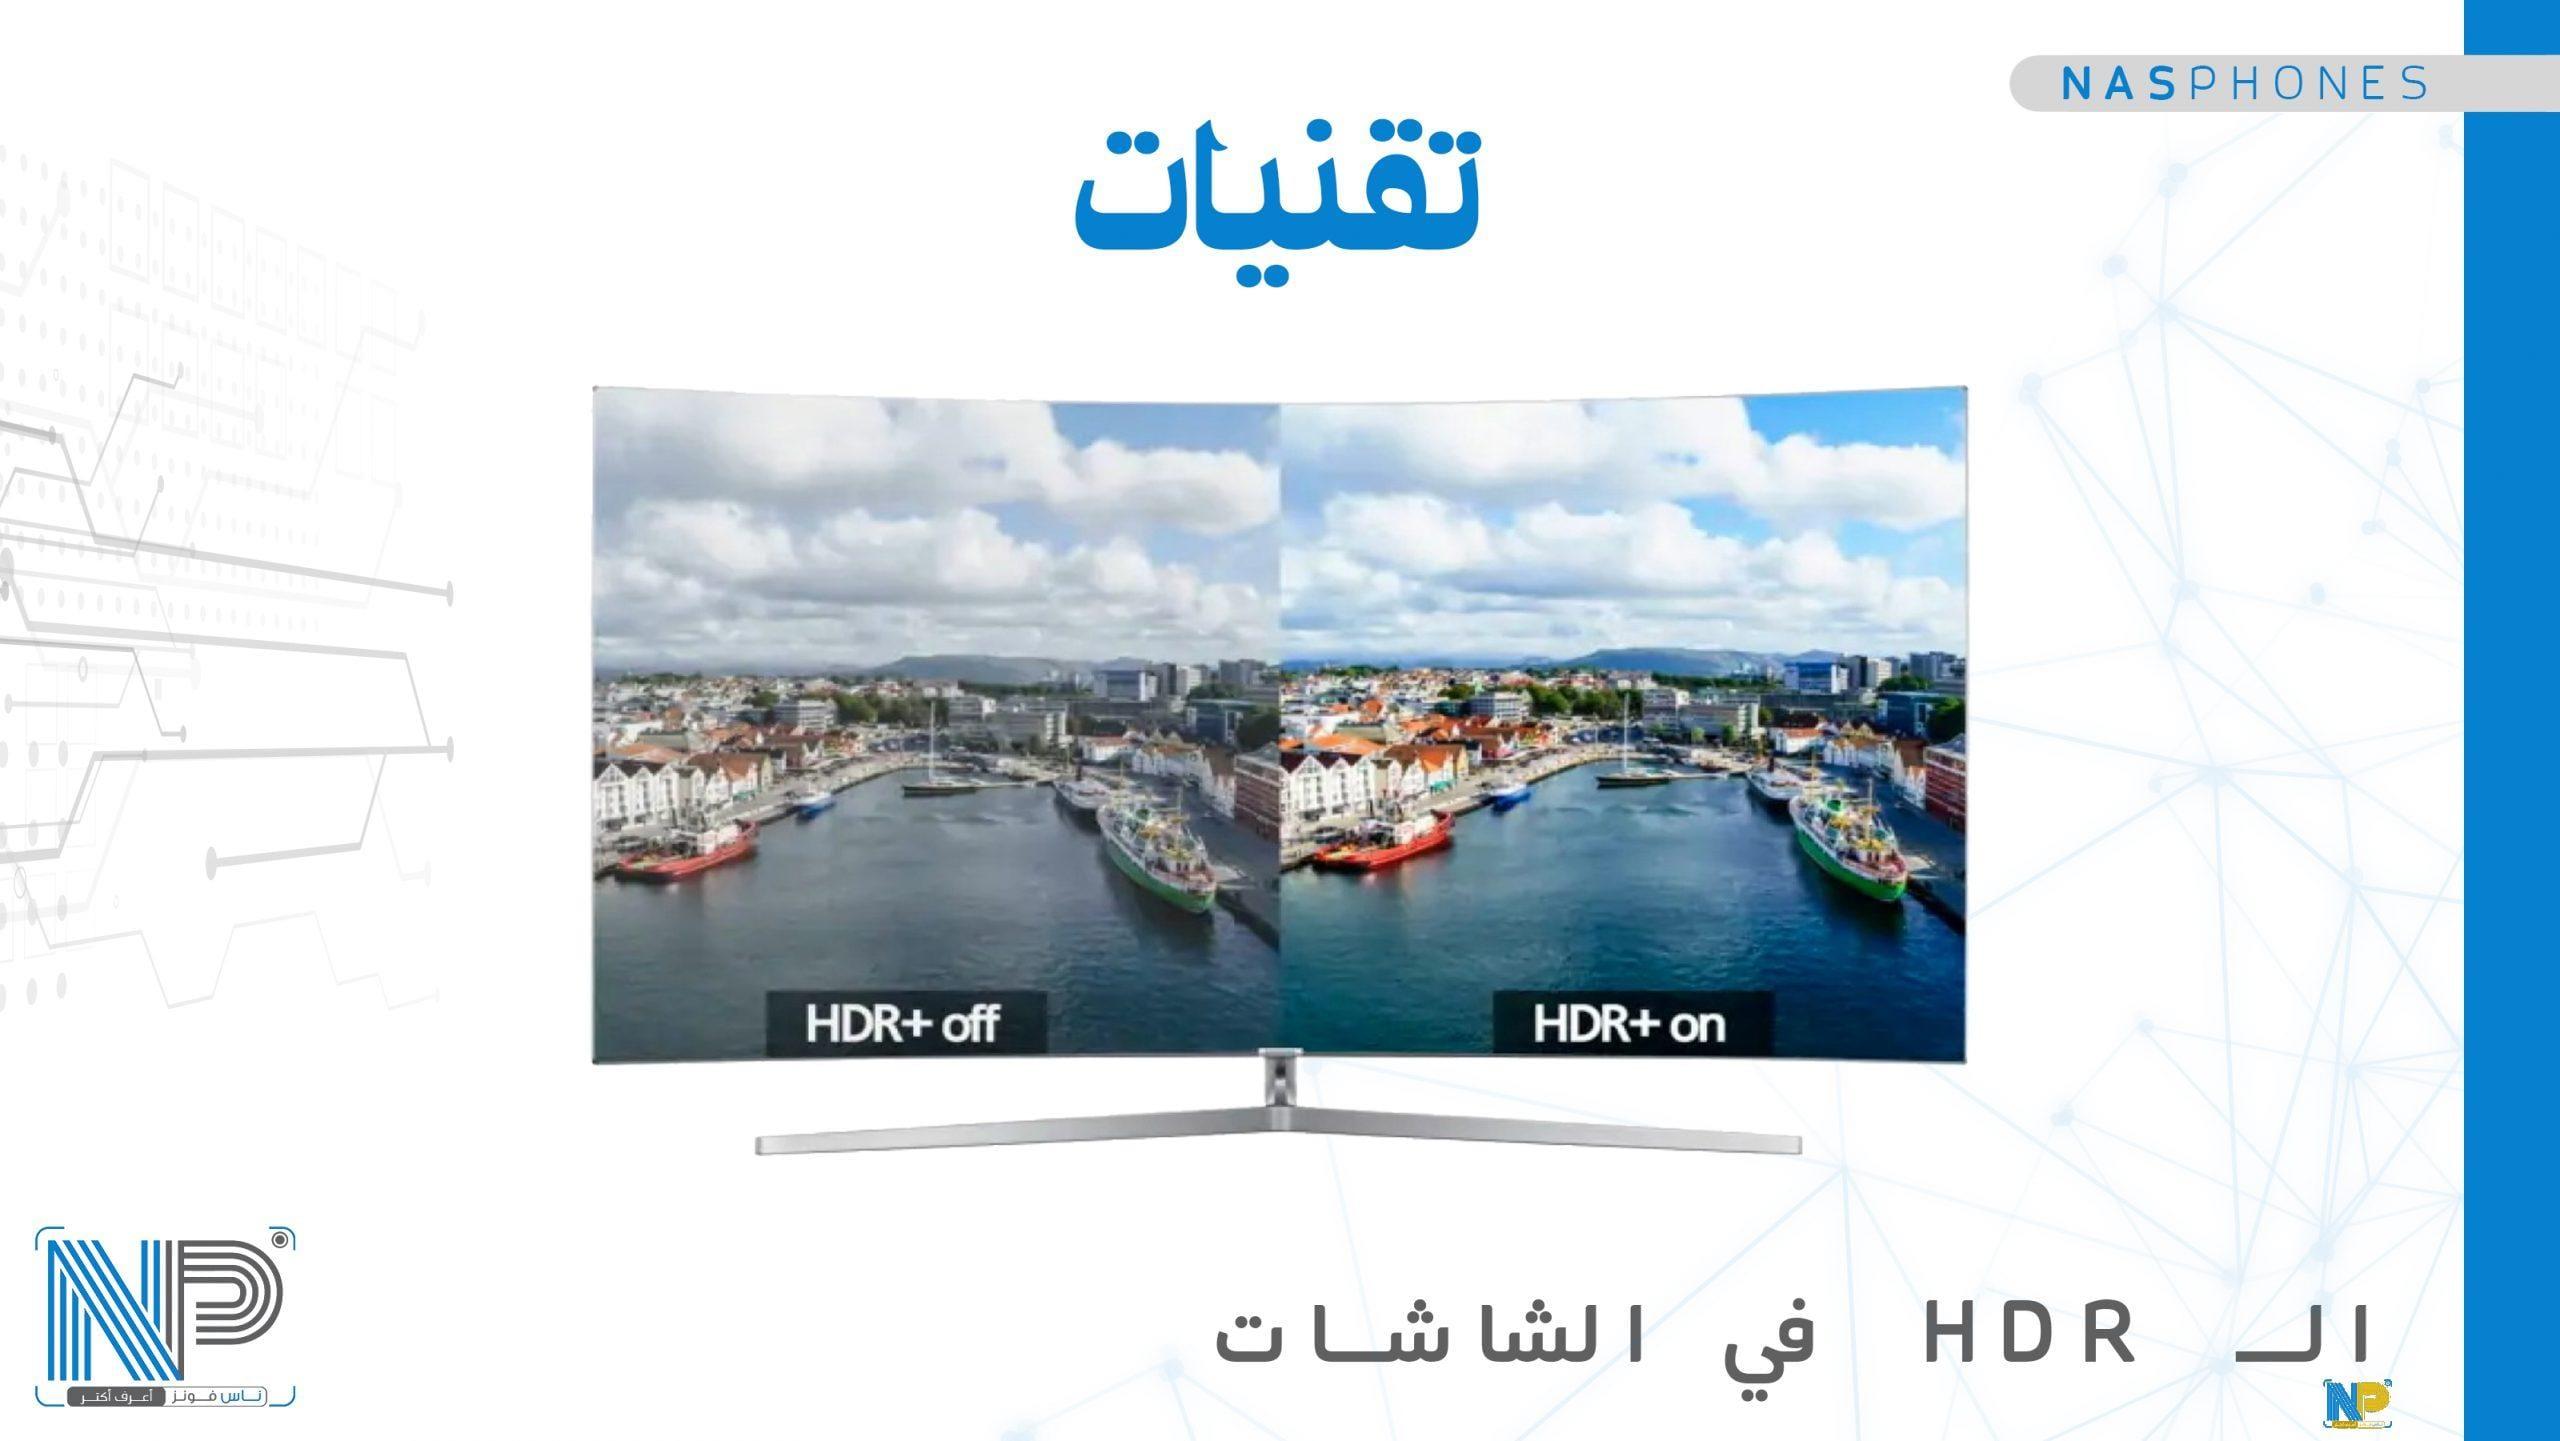 استخدام تقنية الـ HDR في الشاشات التلفزيونية